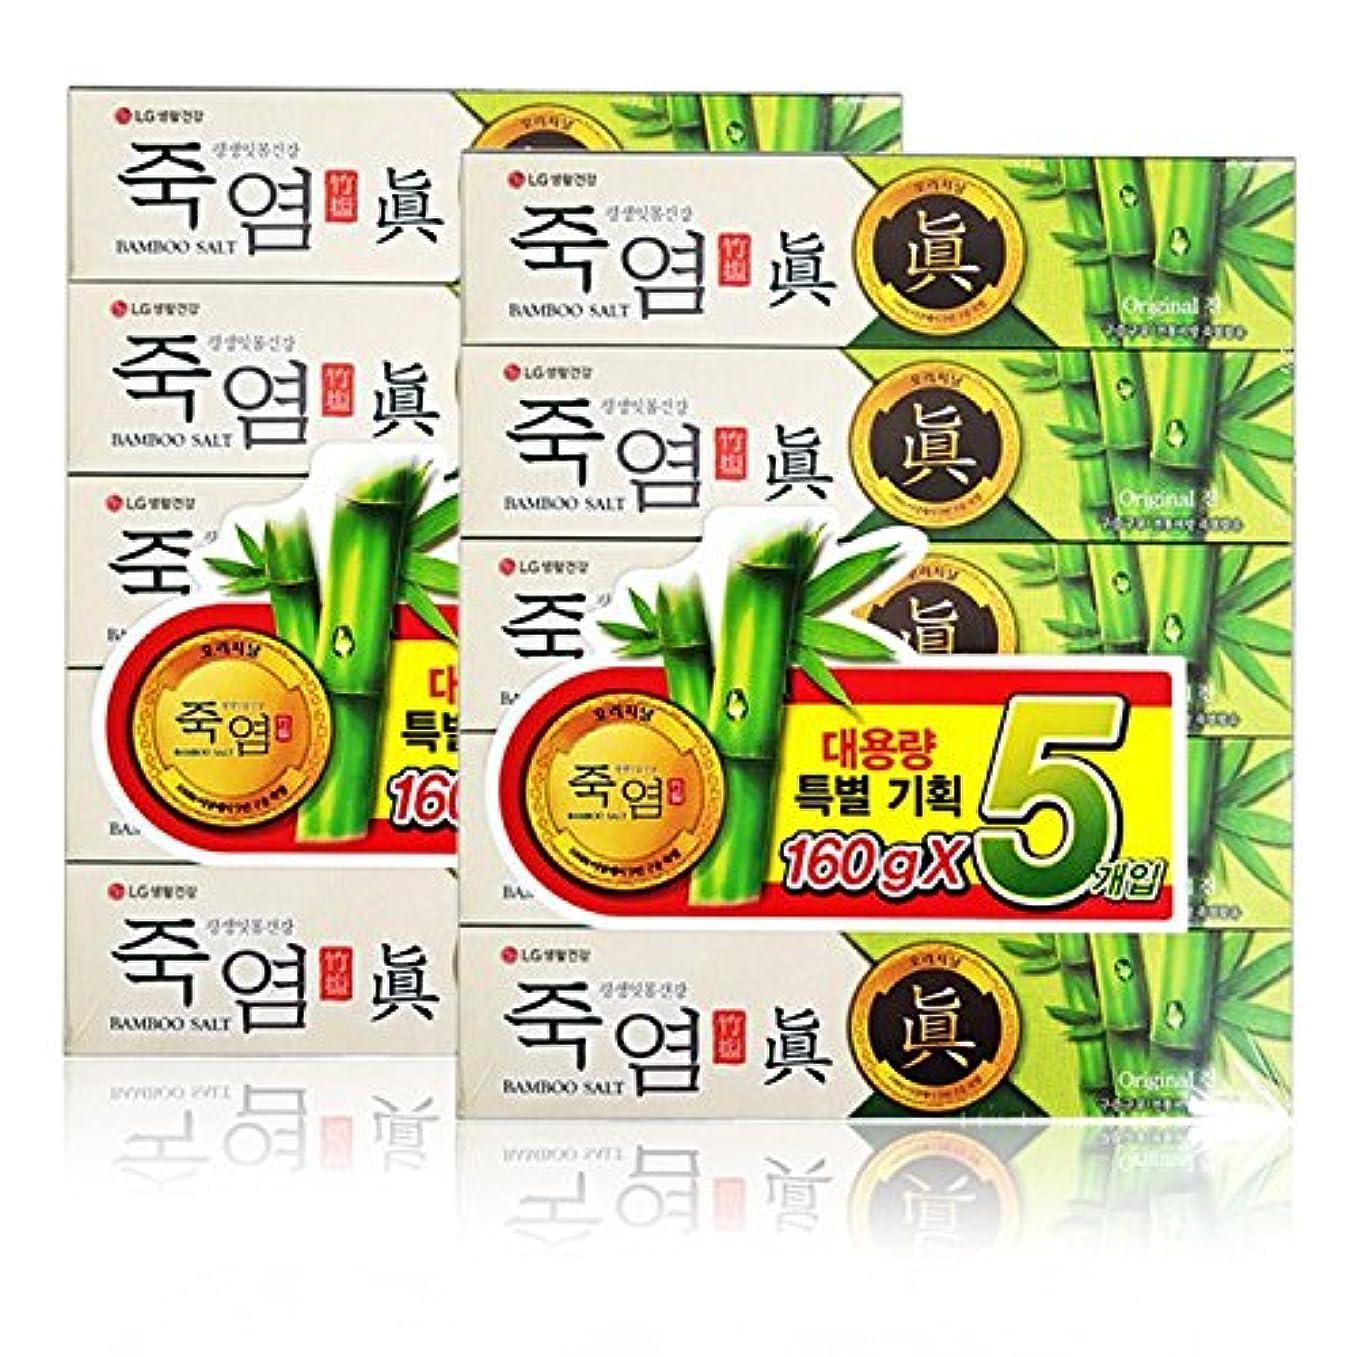 結果ミント付属品[LG電子の生活と健康] LG 竹塩オリジナル歯磨き粉160g*10つの(海外直送品)